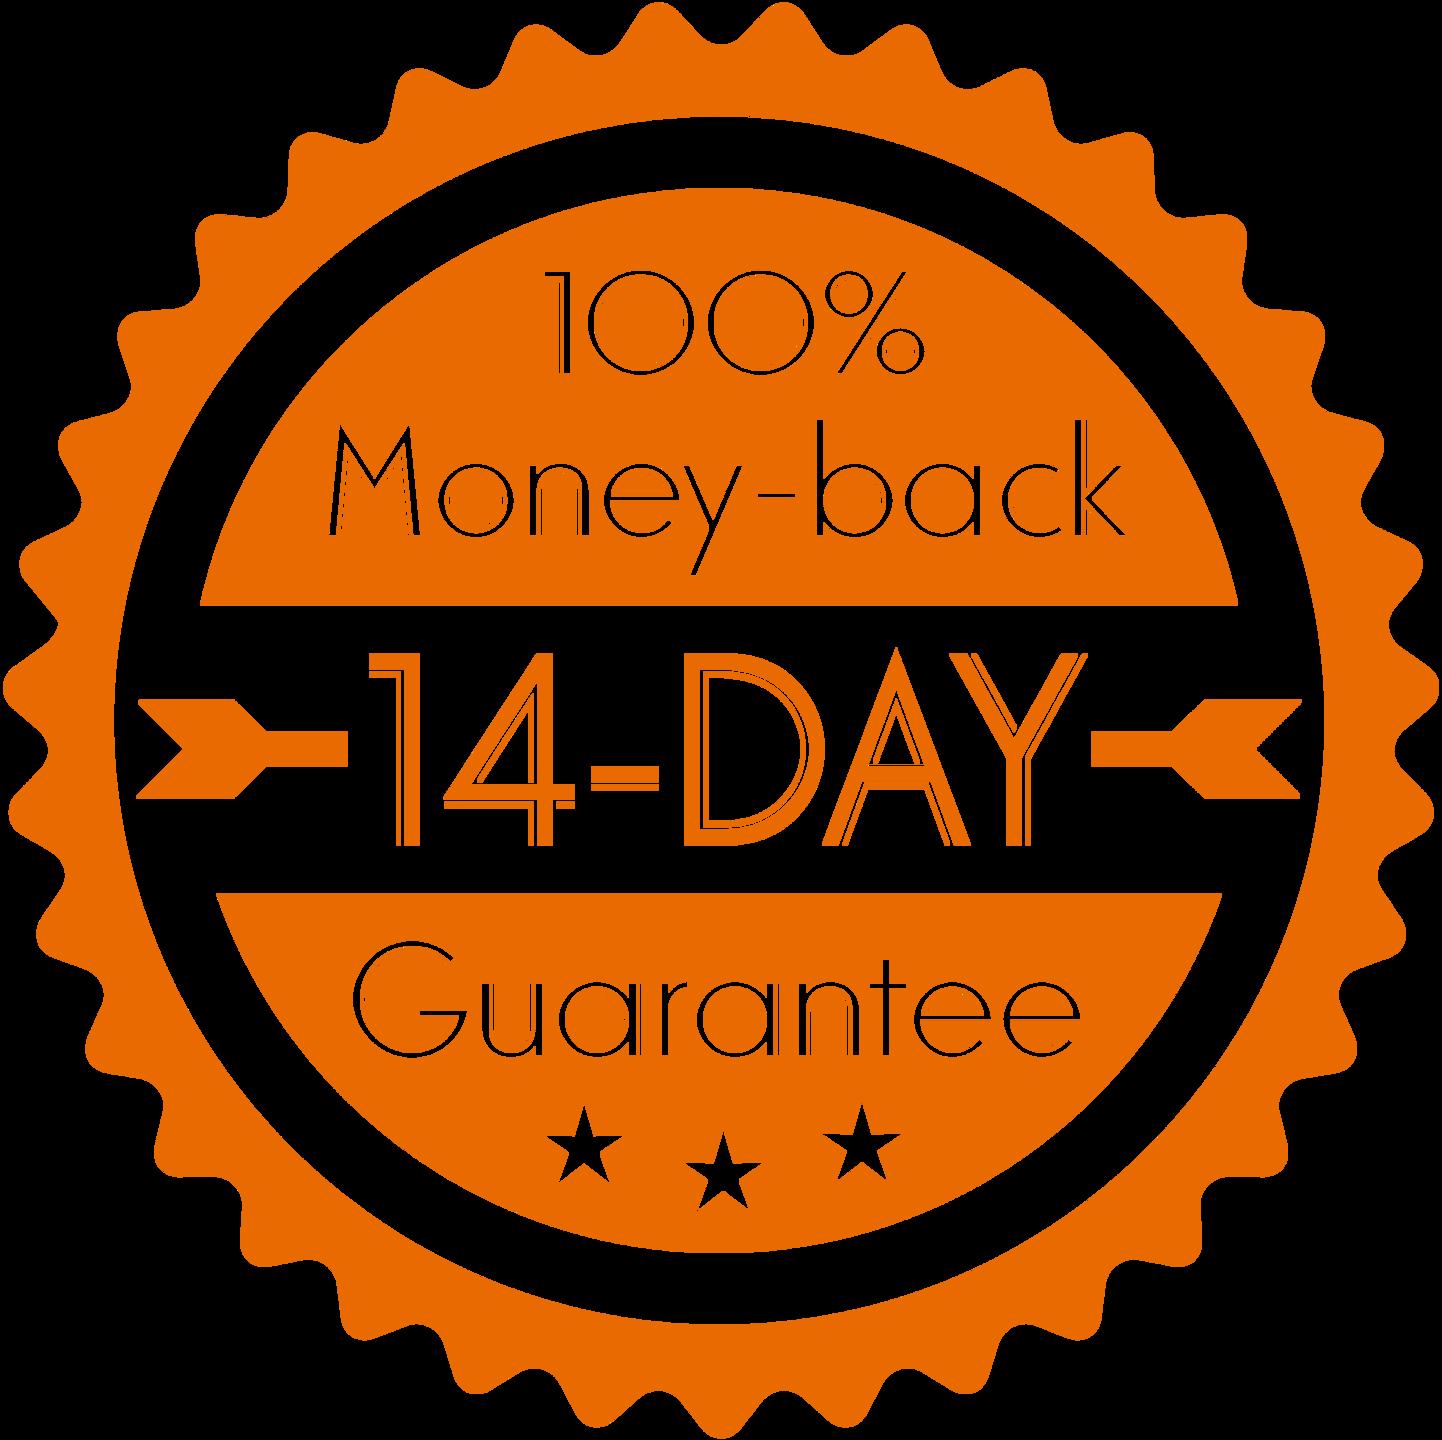 14-Day MBG